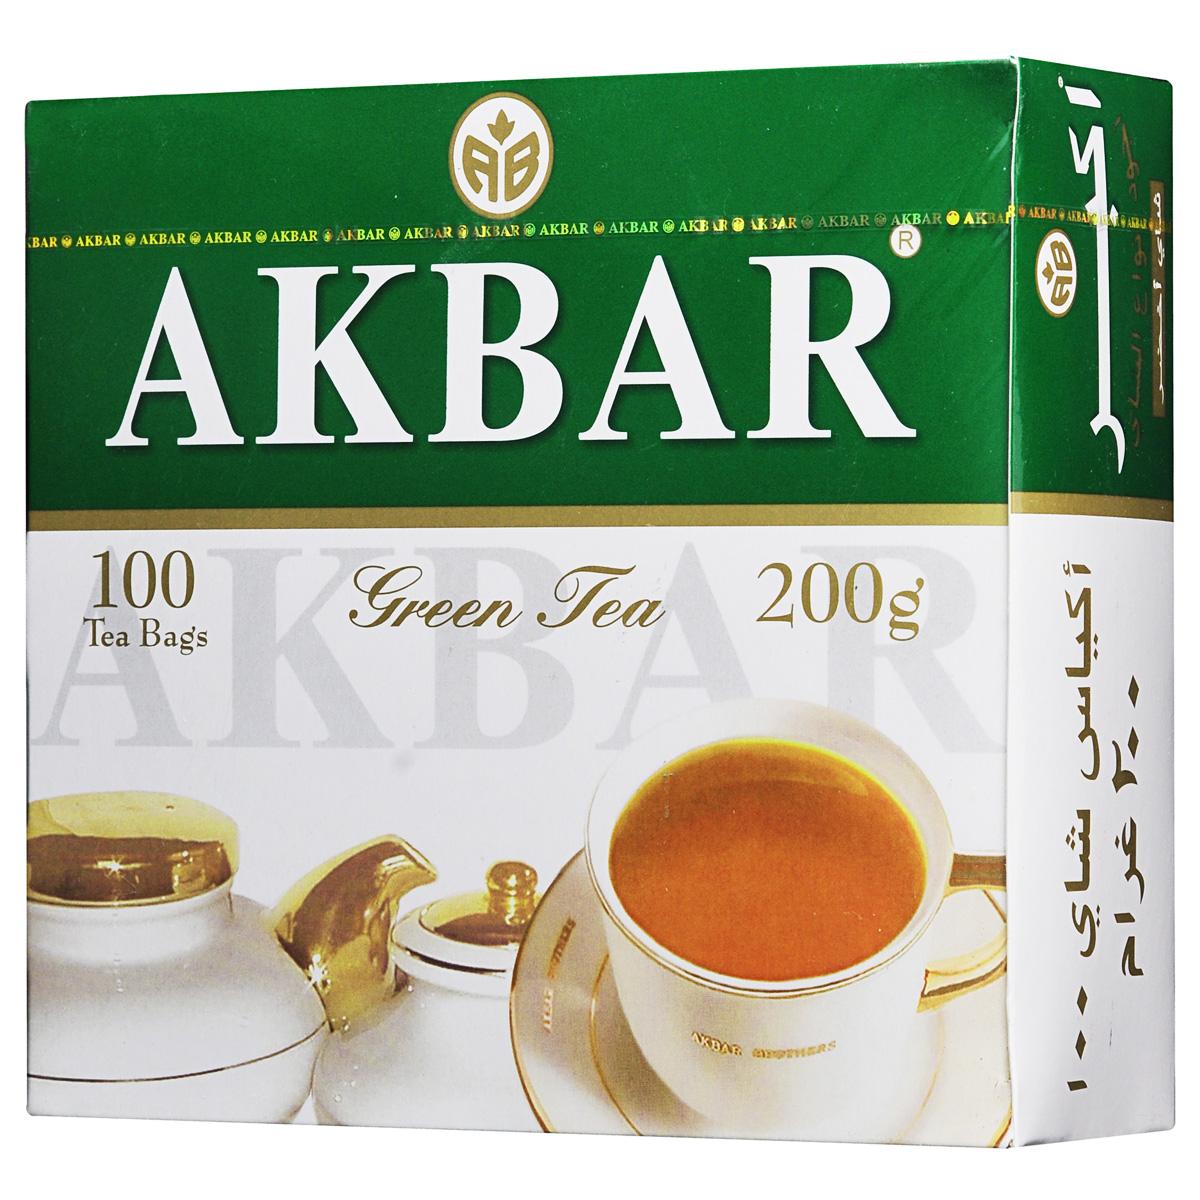 Akbar Green зеленый чай в пакетиках, 100 шт1041229У сторонников здорового образа жизни, столь популярного в мире в наши дни, широкую известность приобрели зеленые чаи Akbar Green, которые не только отличаются своим оригинальным вкусом и ароматом, но и оказывают на человека благотворное стимулирующее влияние, придают ему силу, энергию и бодрость духа. Известно, что чай содержит множество витаминов и полезных веществ, способствующих укреплению здоровья и процессу омолаживания организма человека. Поэтому компания «Akbar Brothers» максимально использует его природные оздоровительные свойства в своей продукции.